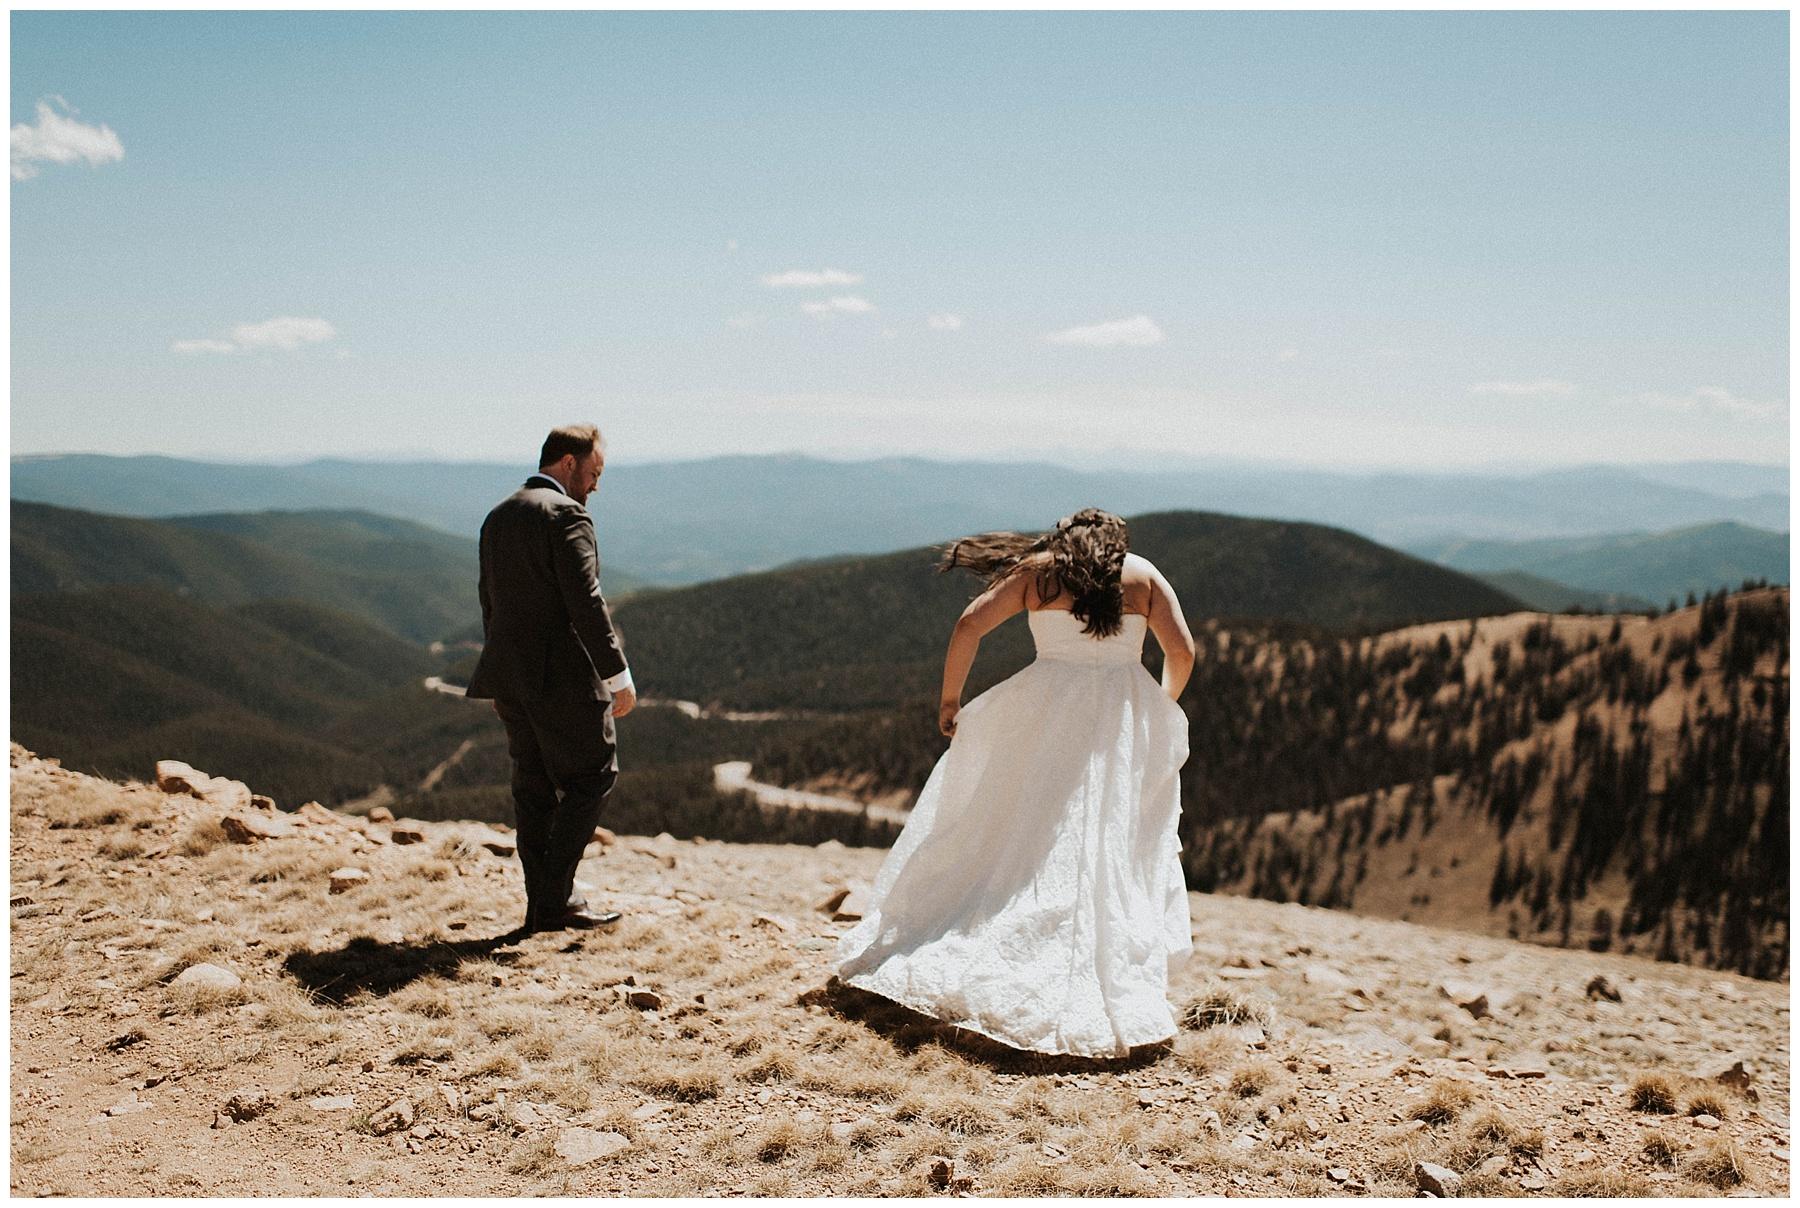 c9ade7aad Ben + Lainee    Desert Colorado Wedding - Lauren F.otography